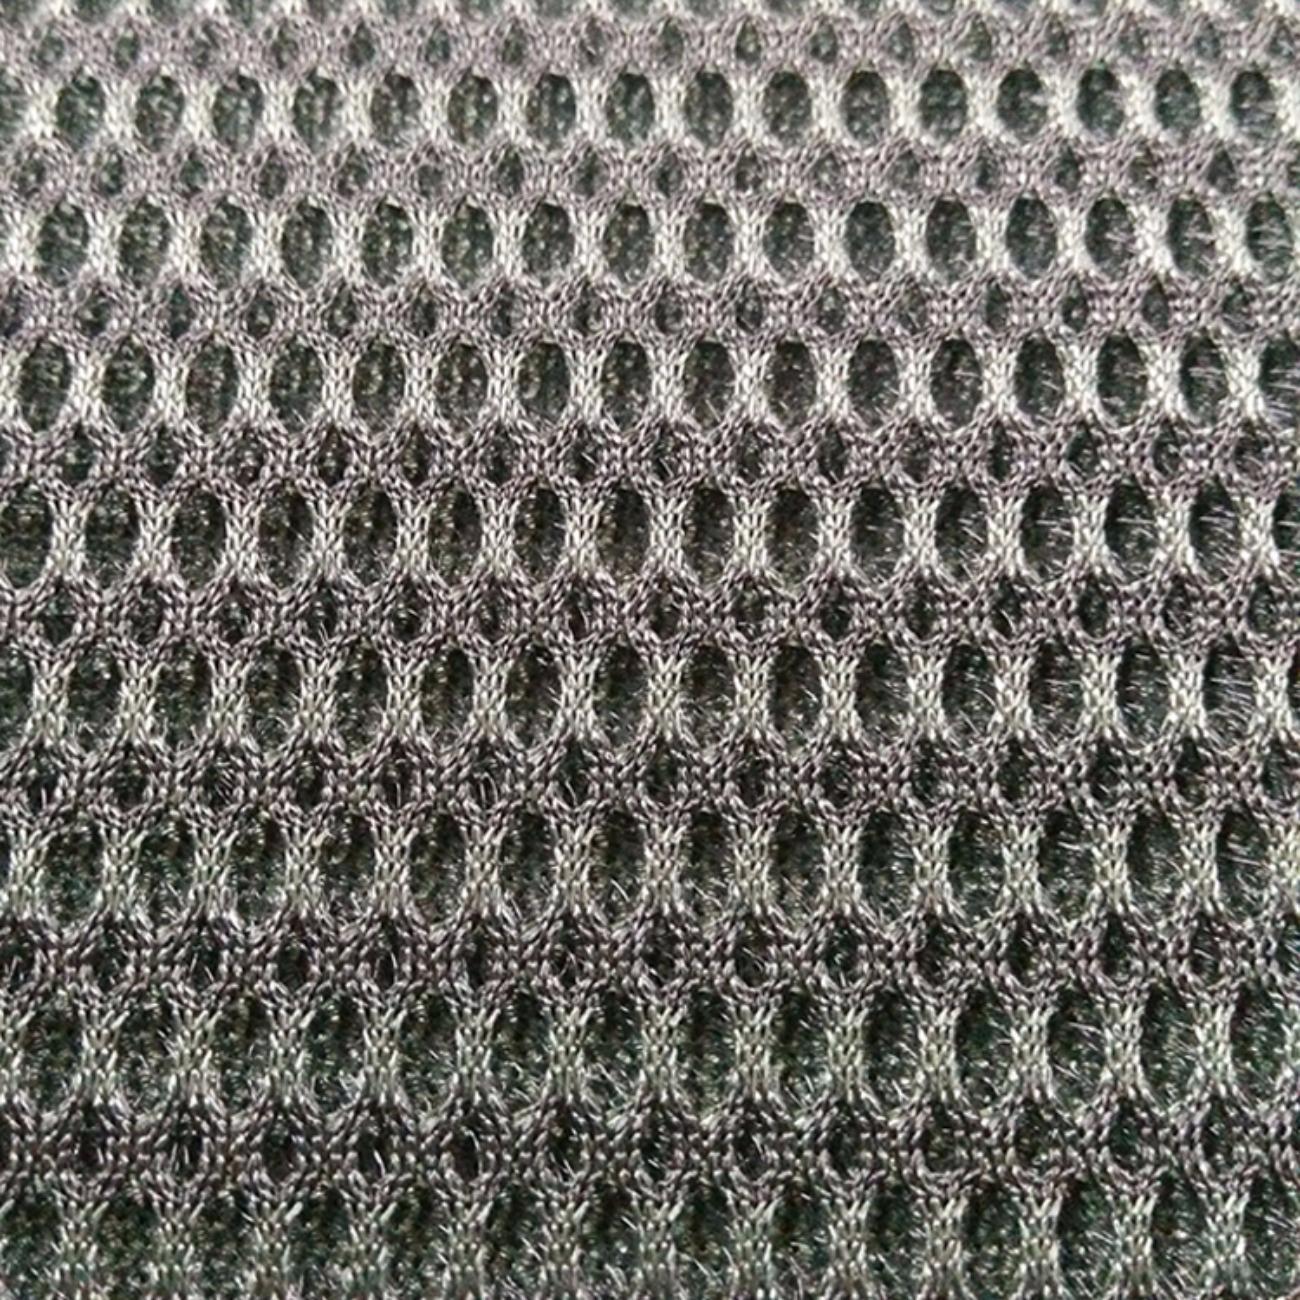 鸟眼网孔三明治网眼布料